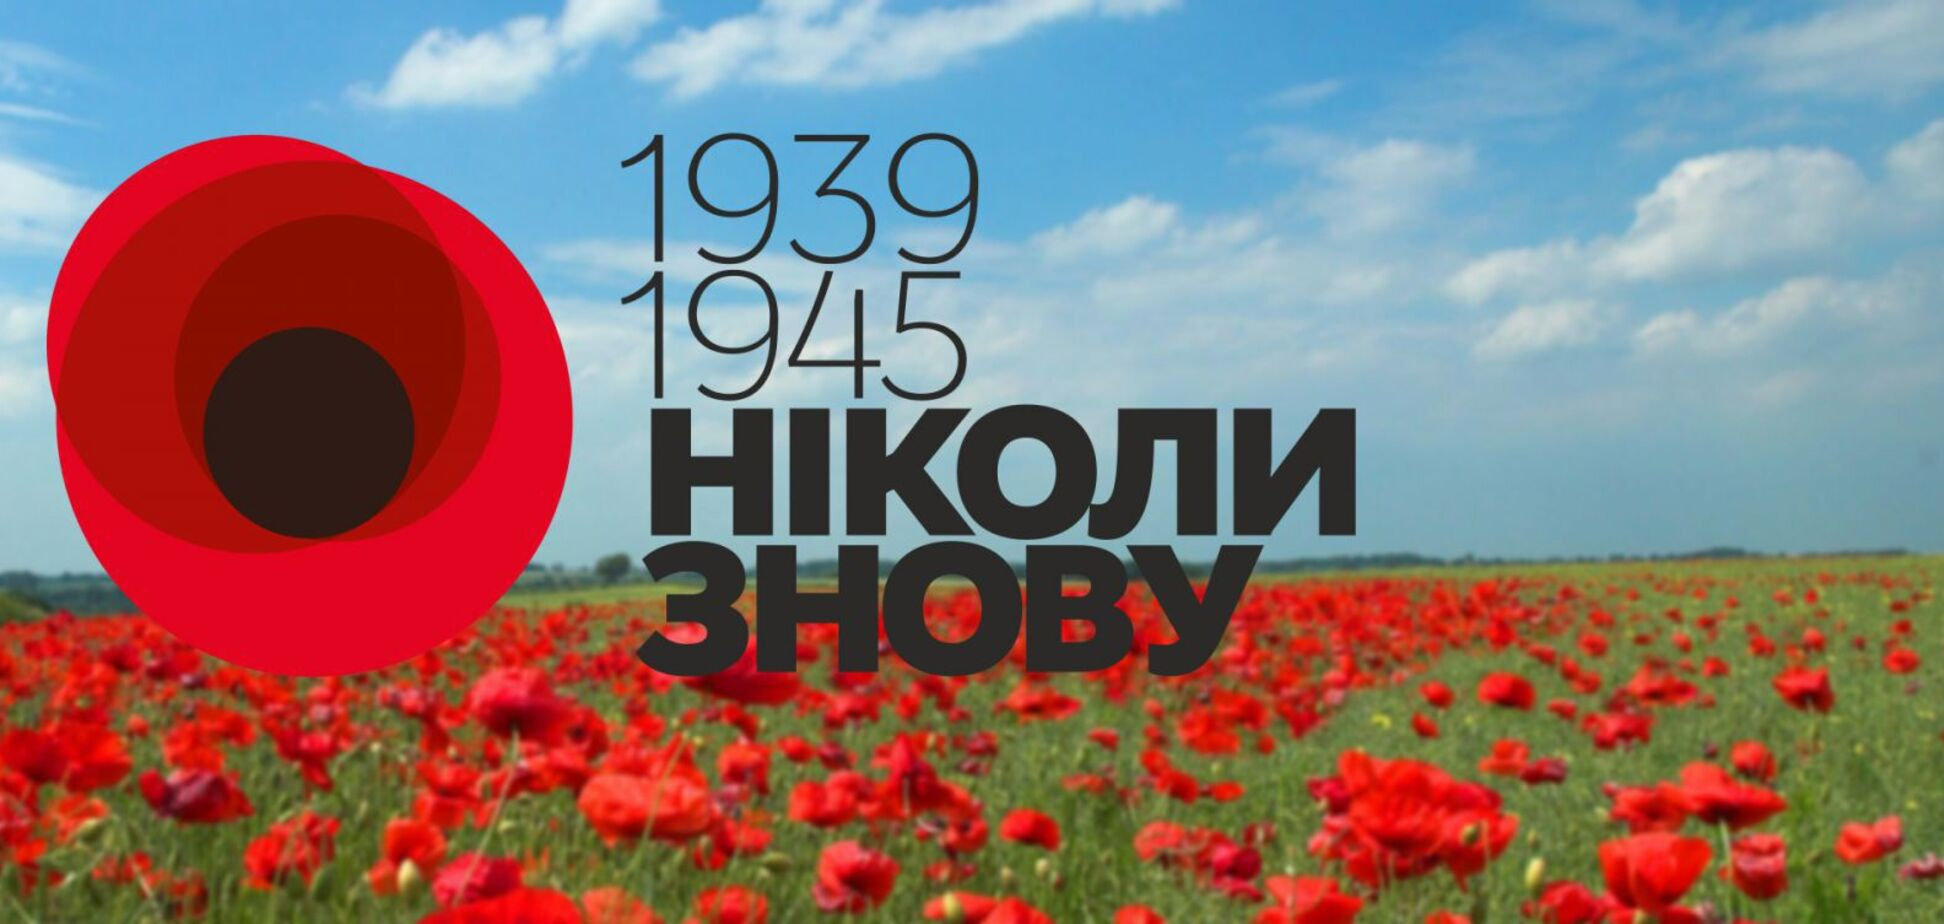 День перемоги над нацизмом у Другій світовій війні було засновано 2015 року